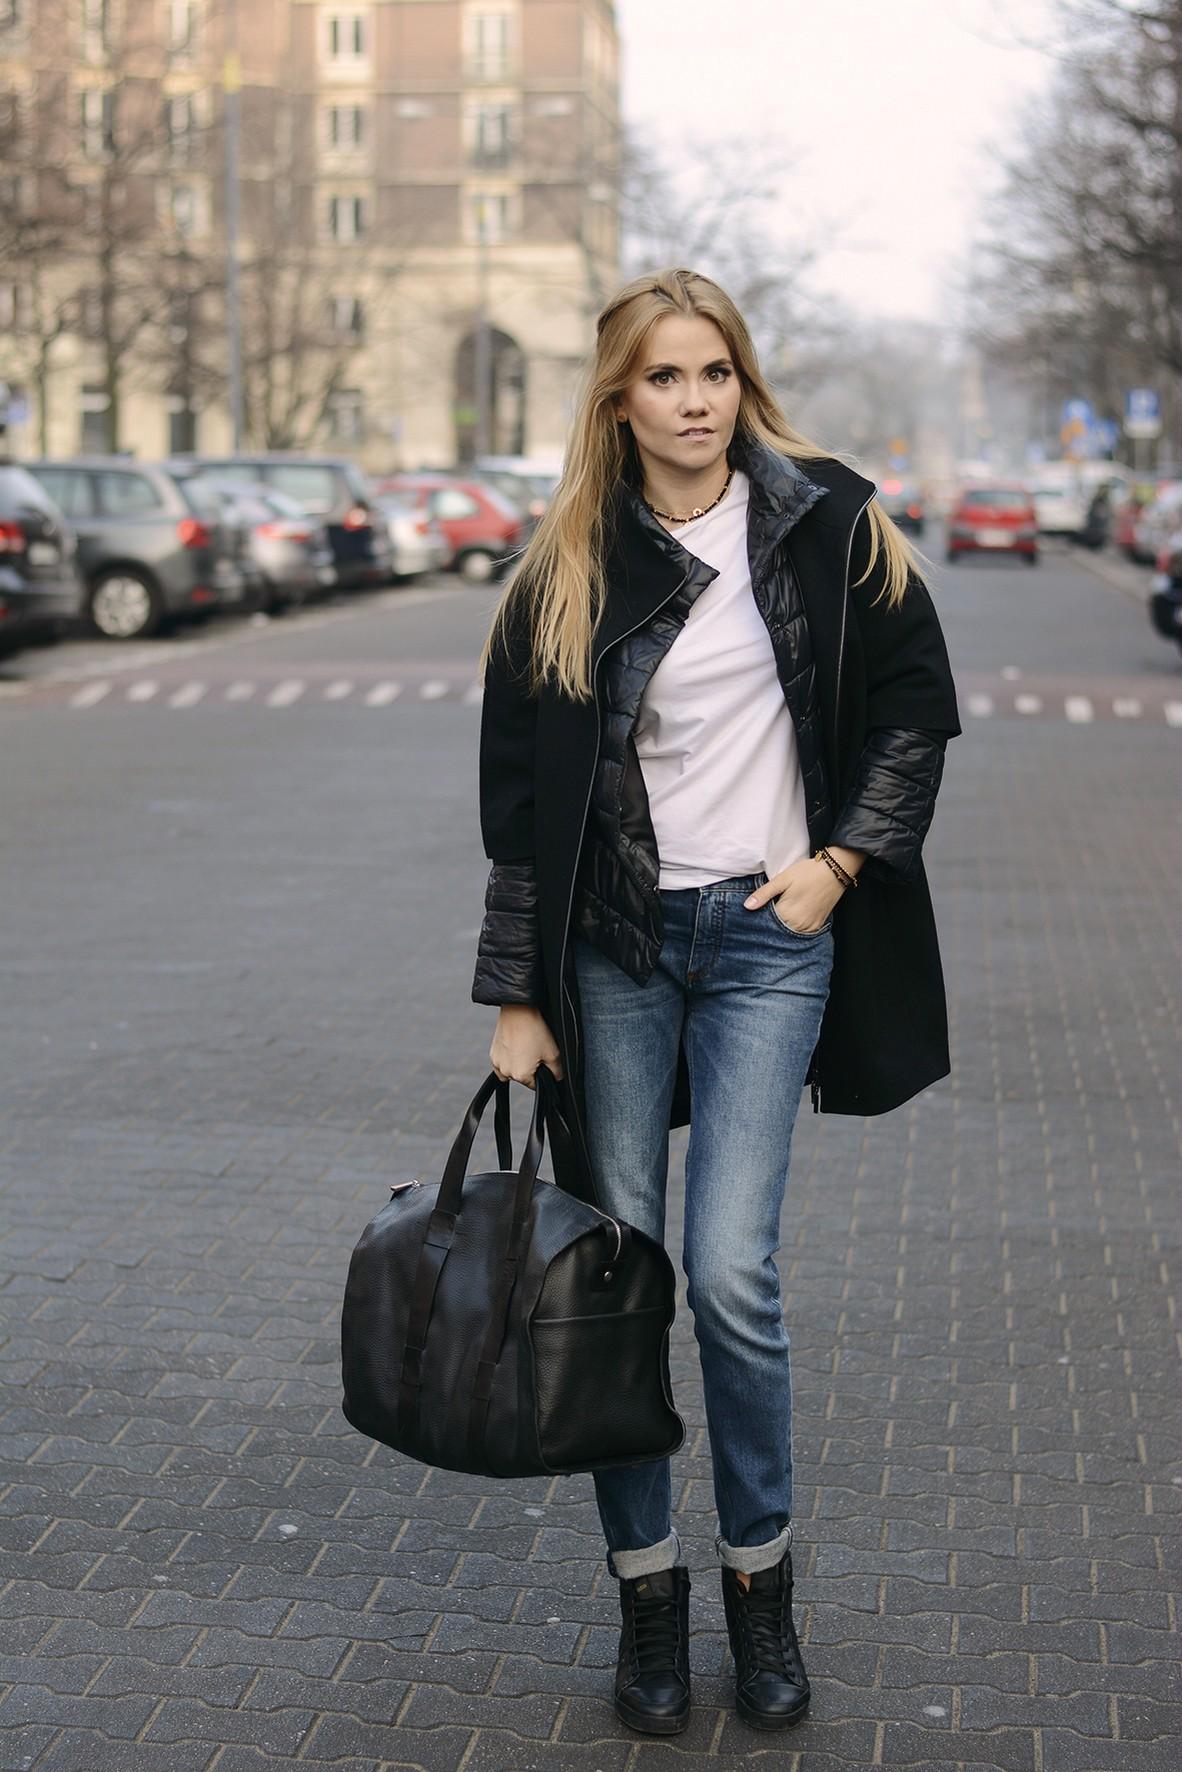 05c2fd542f671 duża torba/leather bag – Cholewiński spodnie/pants – Victoria Beckham  bransoletki/bracelets – Oxmo okulary/sunnies – Rayban mała torebka/ small  bag ...